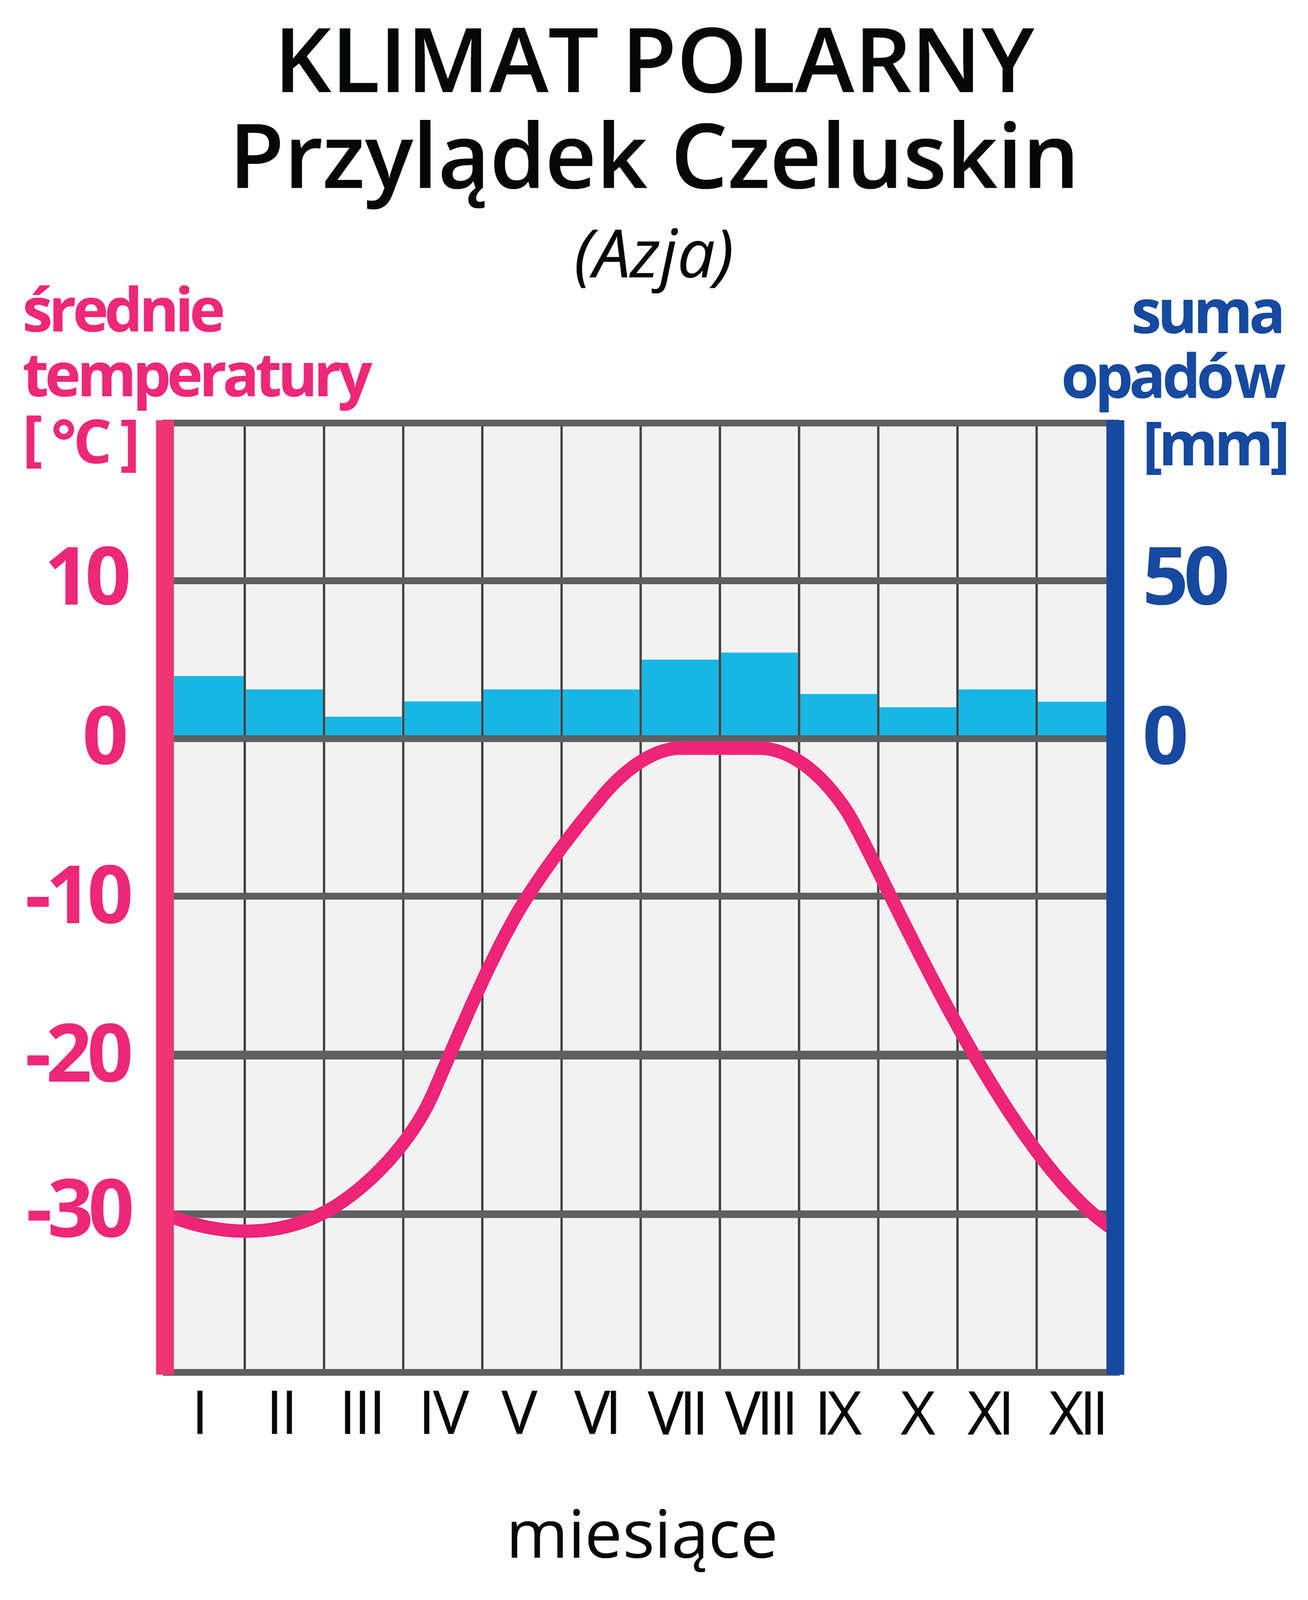 Ilustracja prezentuje wykres – klimatogram, klimatu polarnego na Przylądku Czeluskim wAzji. Na lewej osi wykresu wyskalowano średnie temperatury wOC, na prawej osi wykresu wyskalowano sumy opadów wmm. Na osi poziomej zaznaczono cyframi rzymskimi kolejne miesiące. Czerwona pozioma linia na wykresie, to średnie temperatury wposzczególnych miesiącach. Tutaj linia rozpoczyna się na wysokości -30 OC wstyczniu iwznosi się wposzczególnych miesiącach do około 0 OC wlipcu, po czym opada do -30 OC wgrudniu. . Niebieskie słupki, to wysokości sum opadów wposzczególnych miesiącach. Opady nie przekraczają 15 mm.